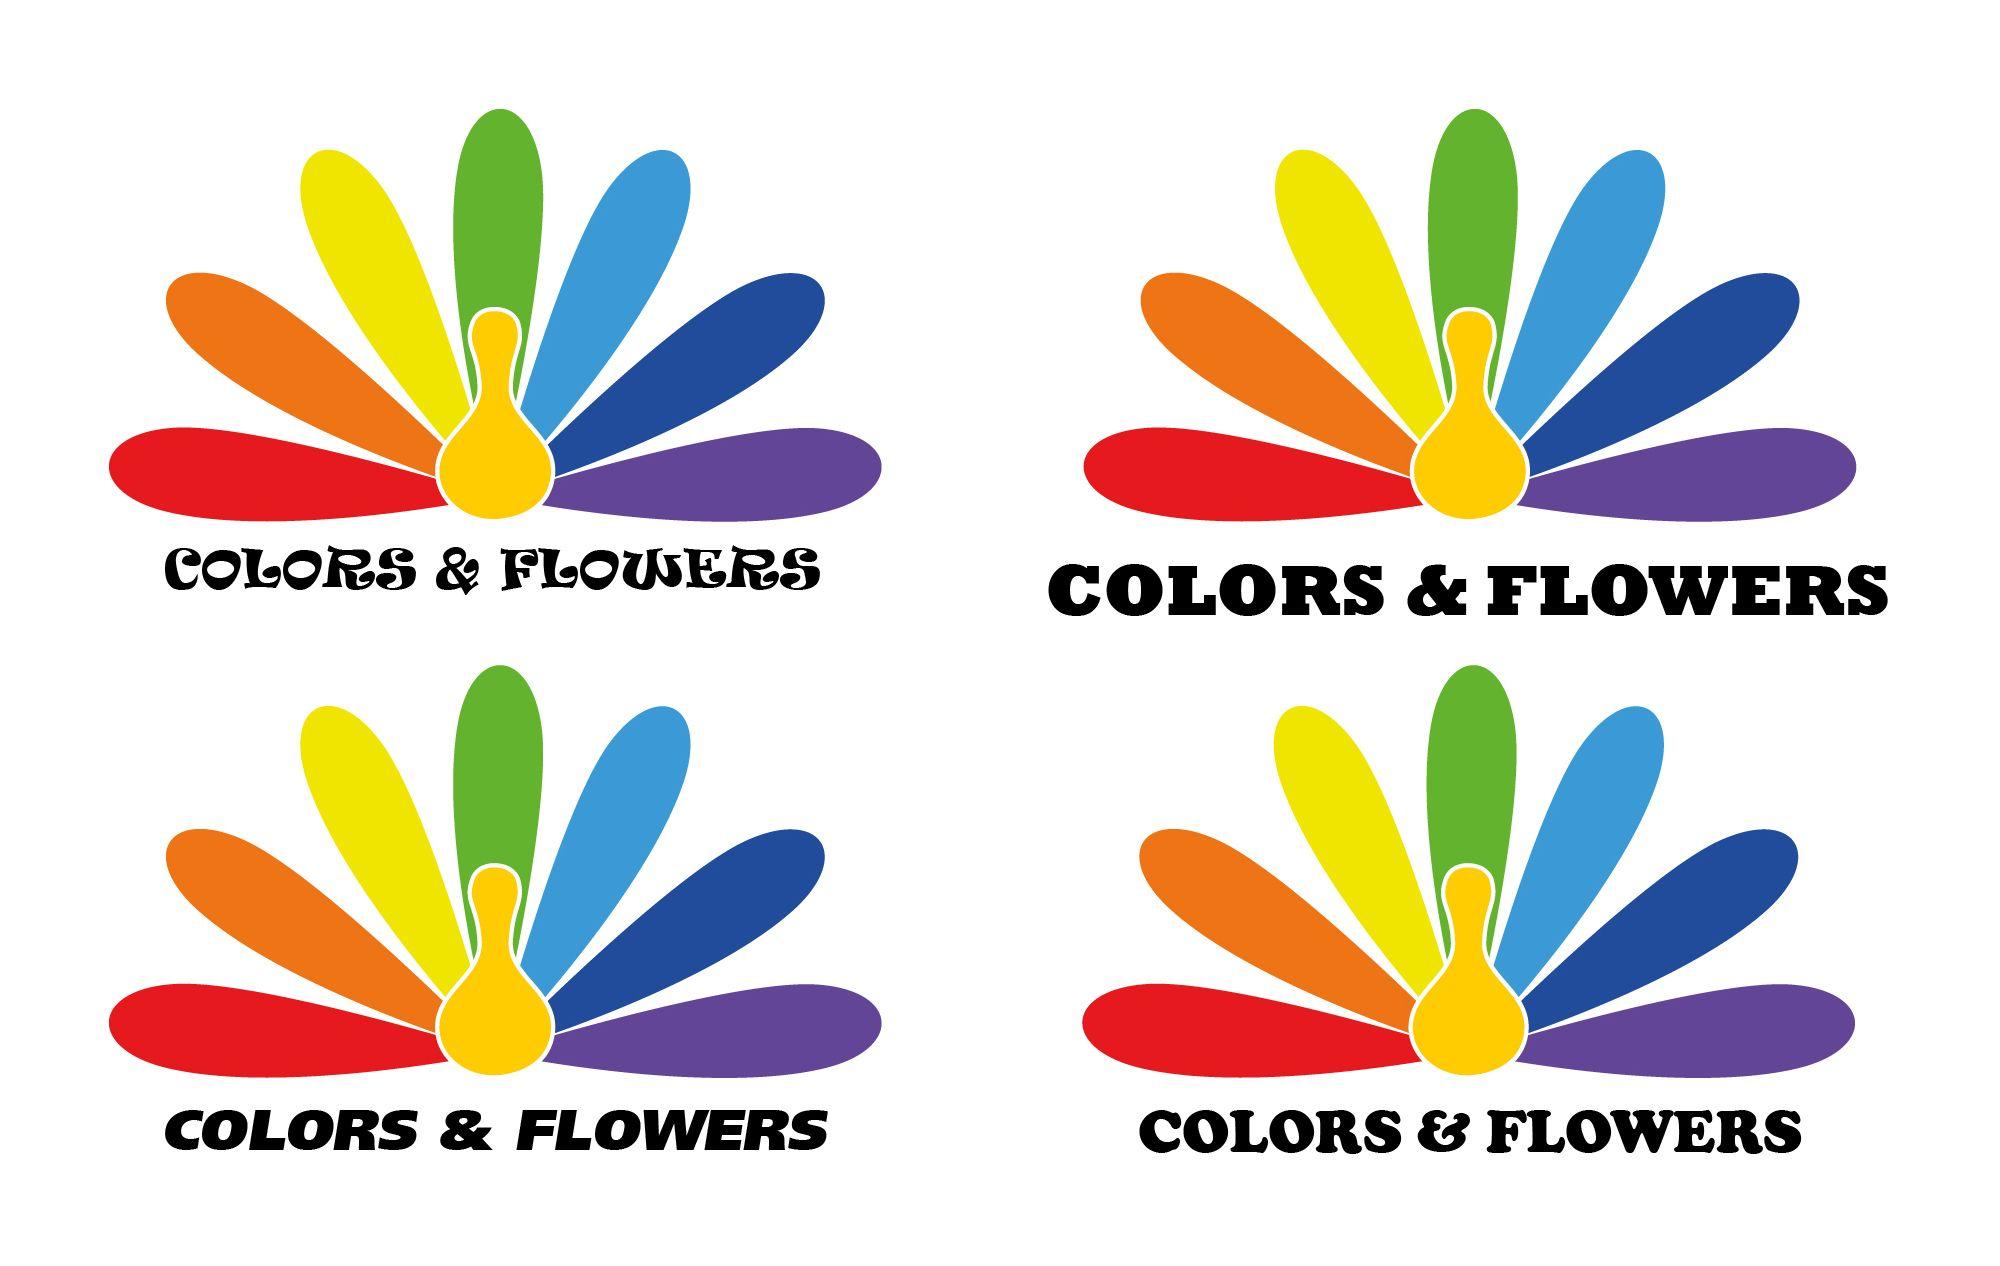 Colors & Flowers Логотип и фирменный стиль - дизайнер tourtle